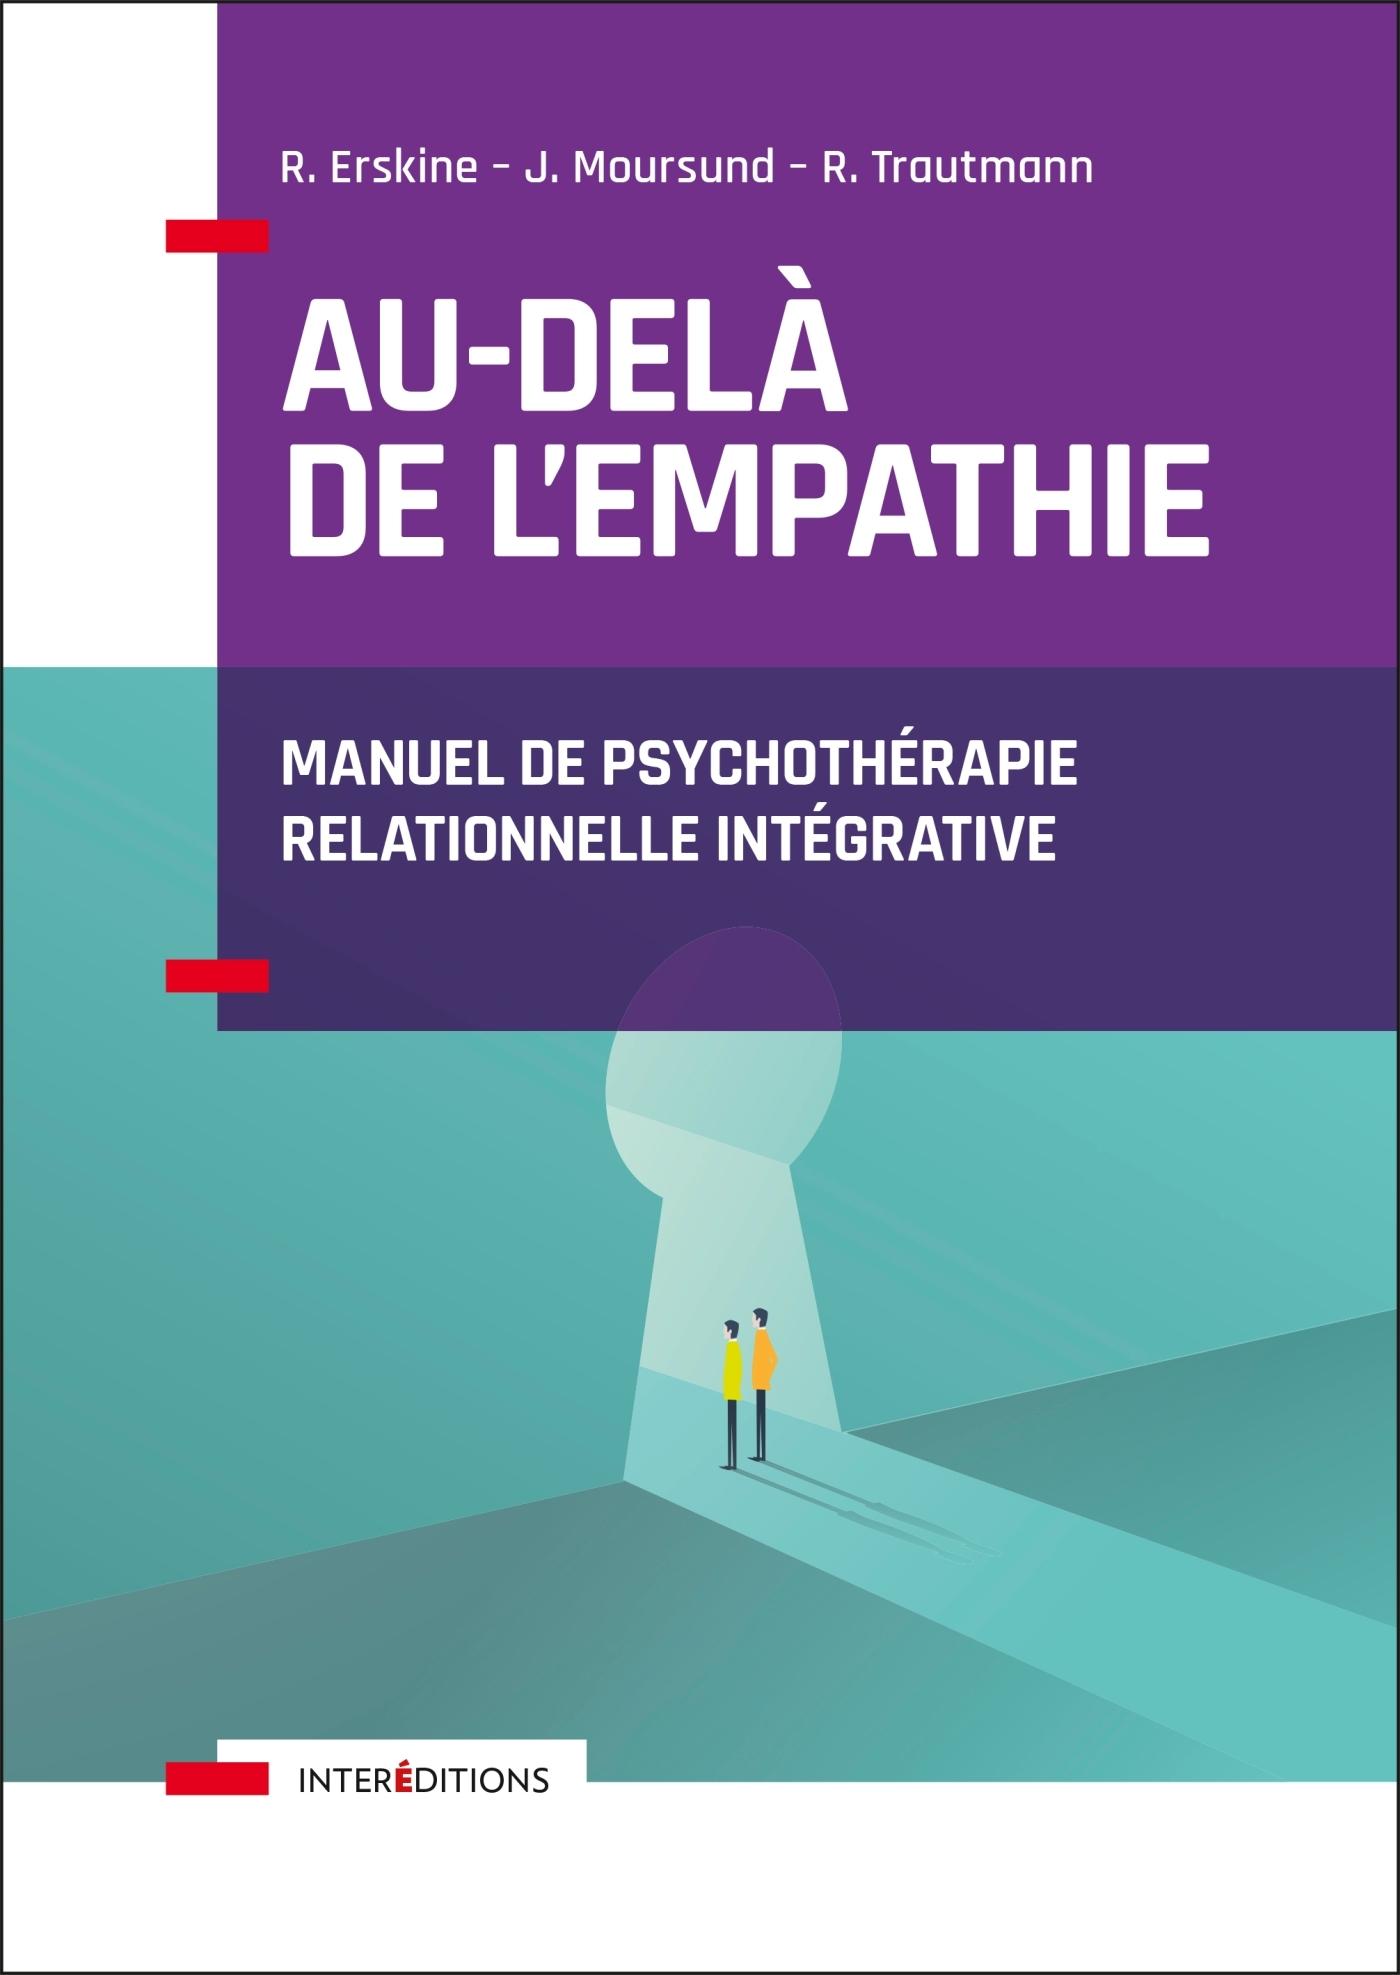 AU-DELA DE L'EMPATHIE - MANUEL DE PSYCHOTHERAPIE INTEGRATIVE